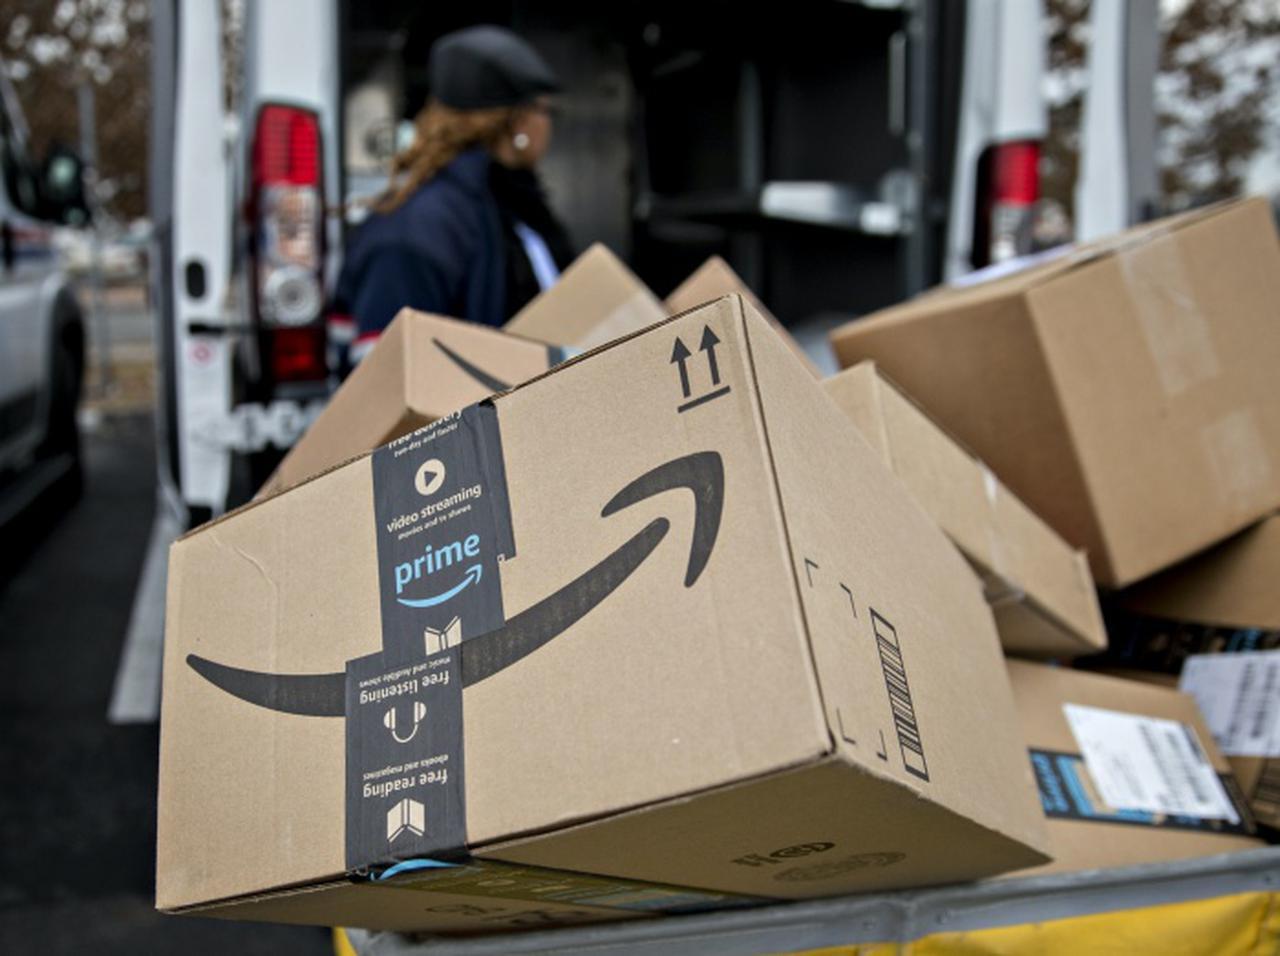 Amazon 配達 完了 届い て ない